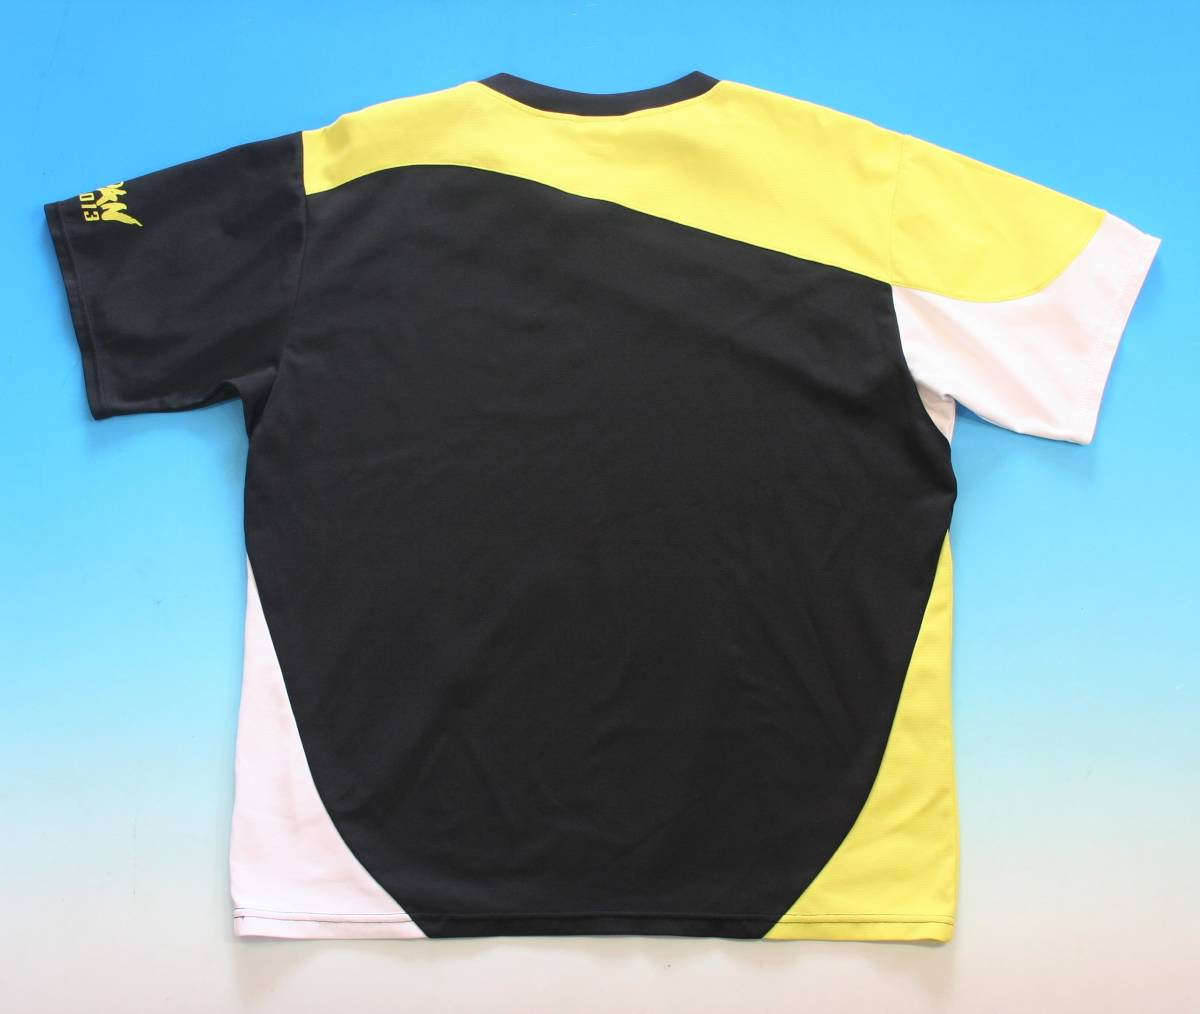 非売品★ MIZUNO(ミズノ)ソフトテニス日本代表 JAPAN ゲームシャツ(レッド)+プラシャツの2枚組_画像7